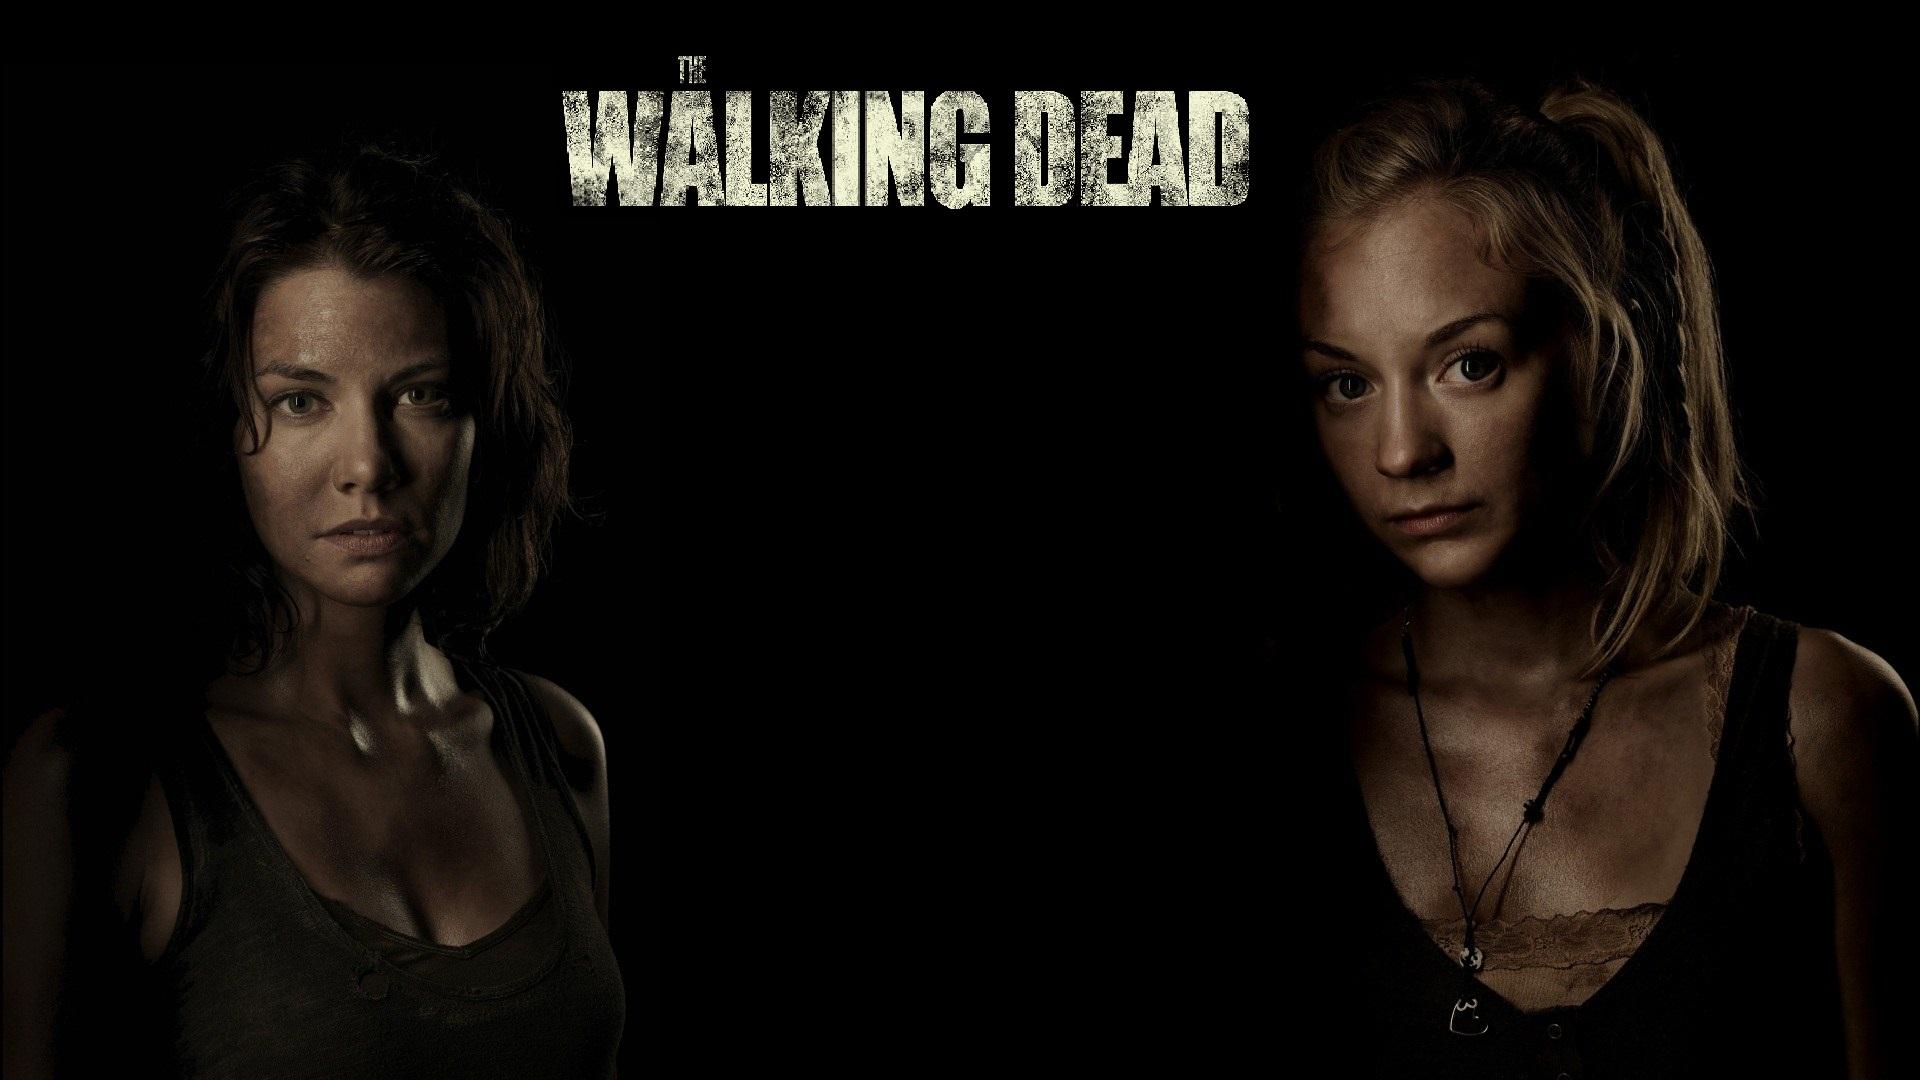 The Walking Dead Temporada 6 Cartel Fondos Fondos De: Fondos The Walking Dead Wallpapers